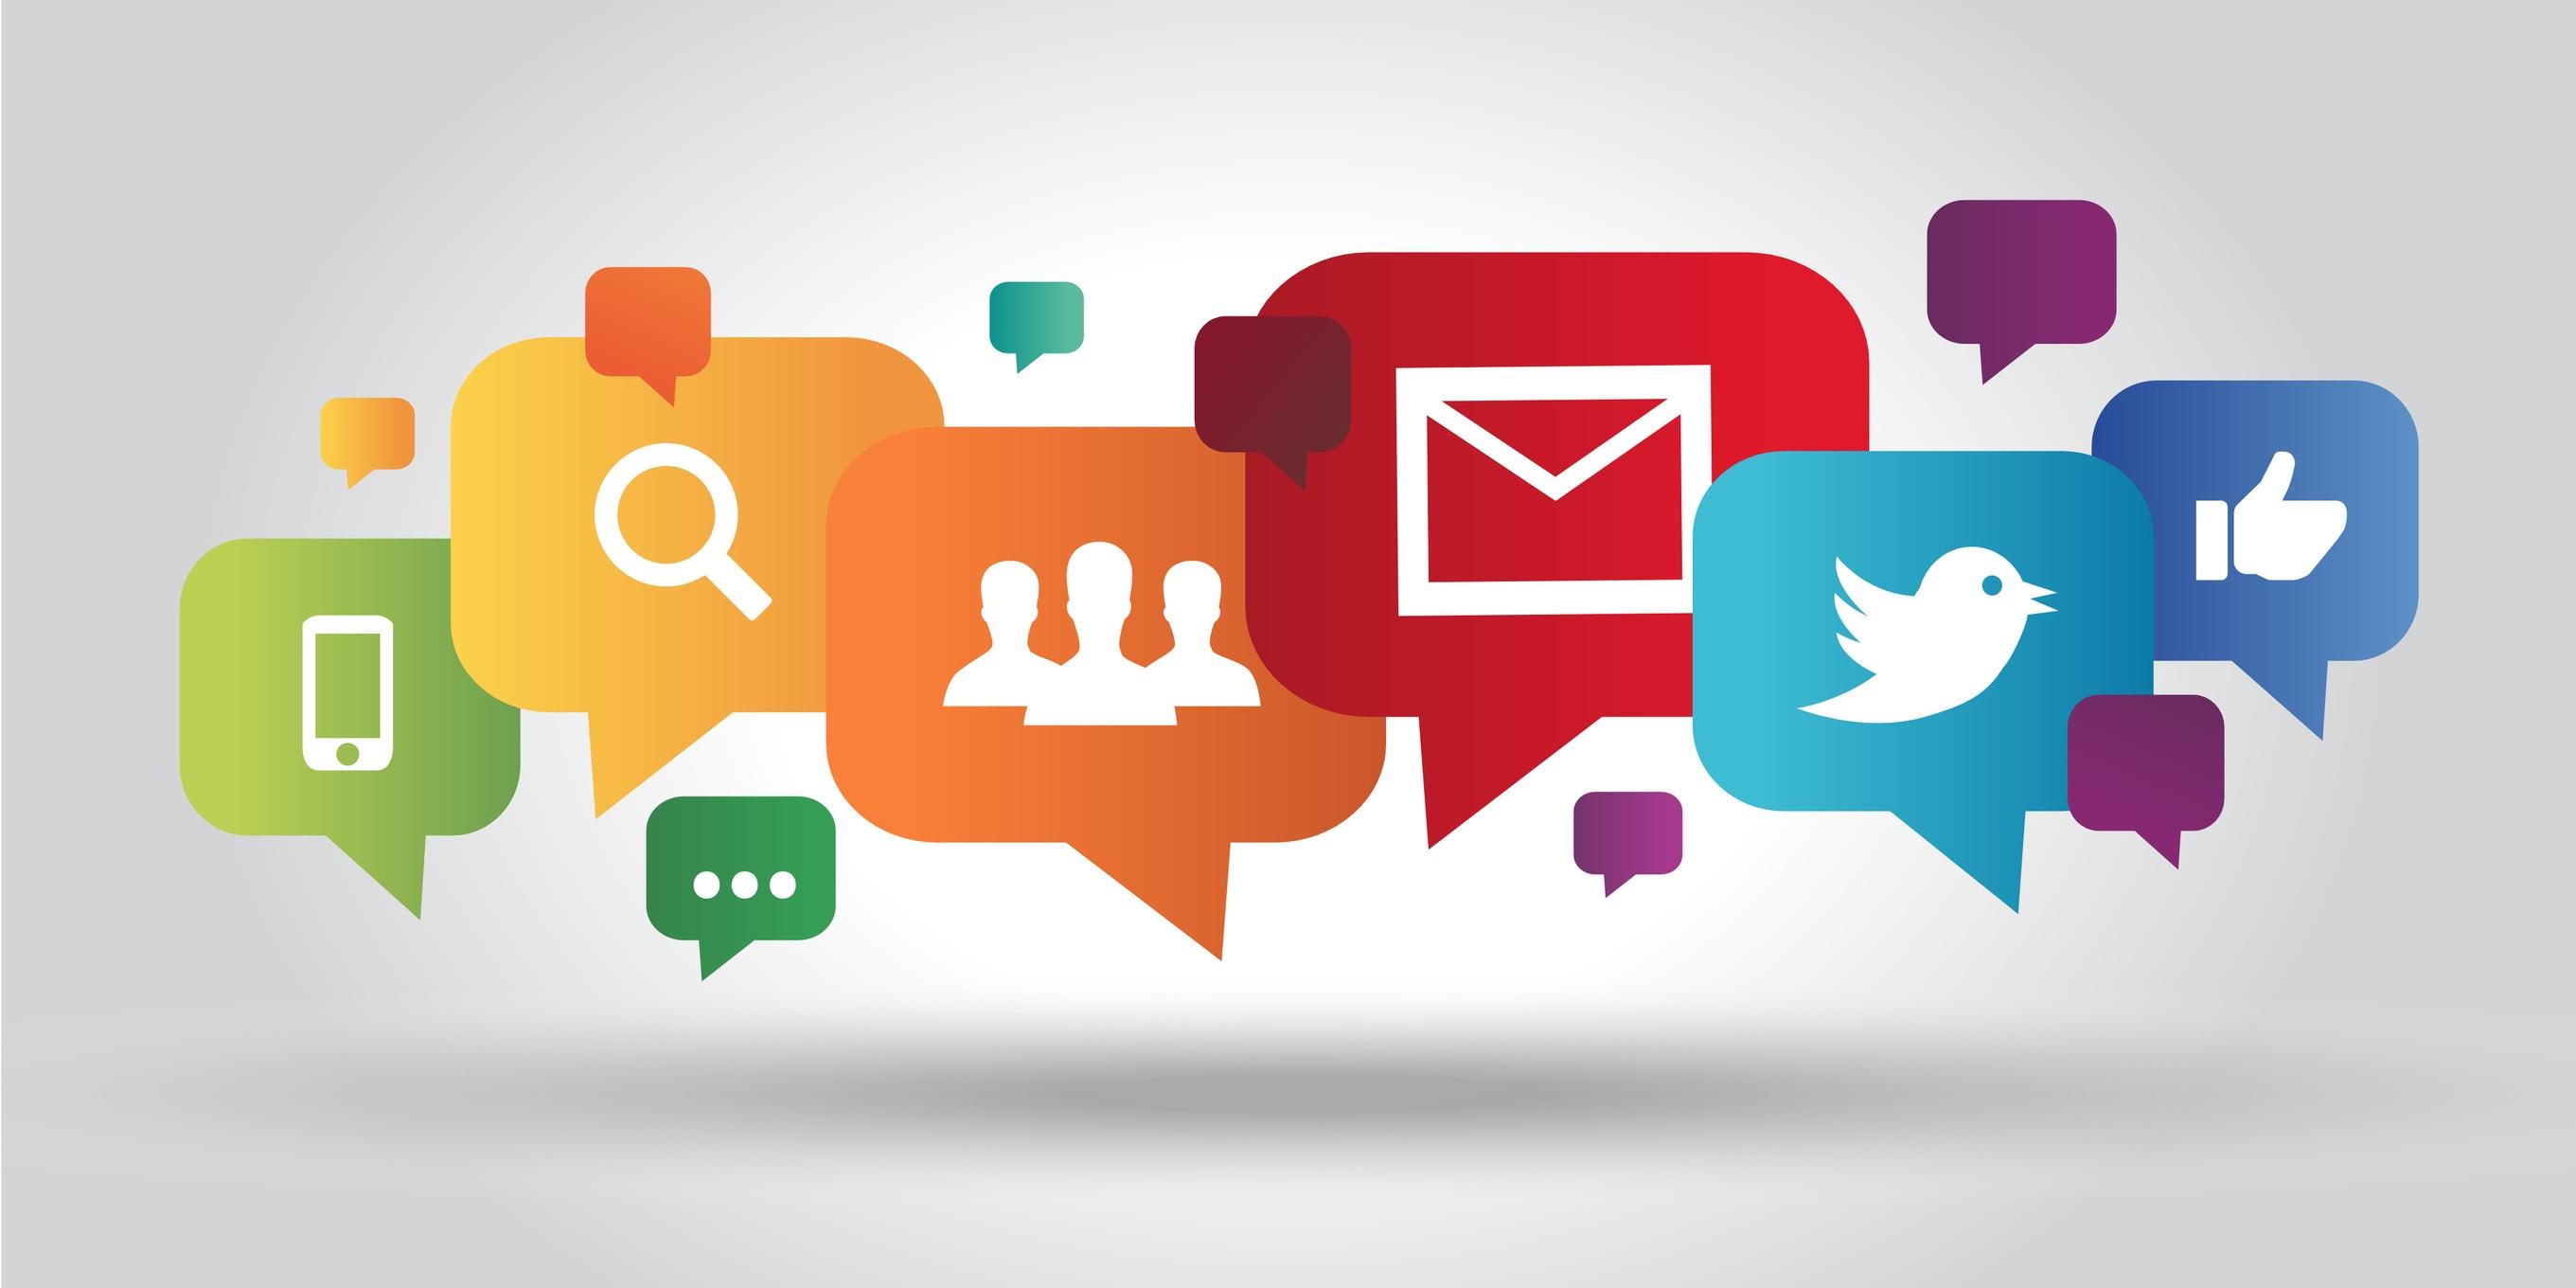 Design e Marketing Digital: 3 motivos para essa dupla nunca se separar